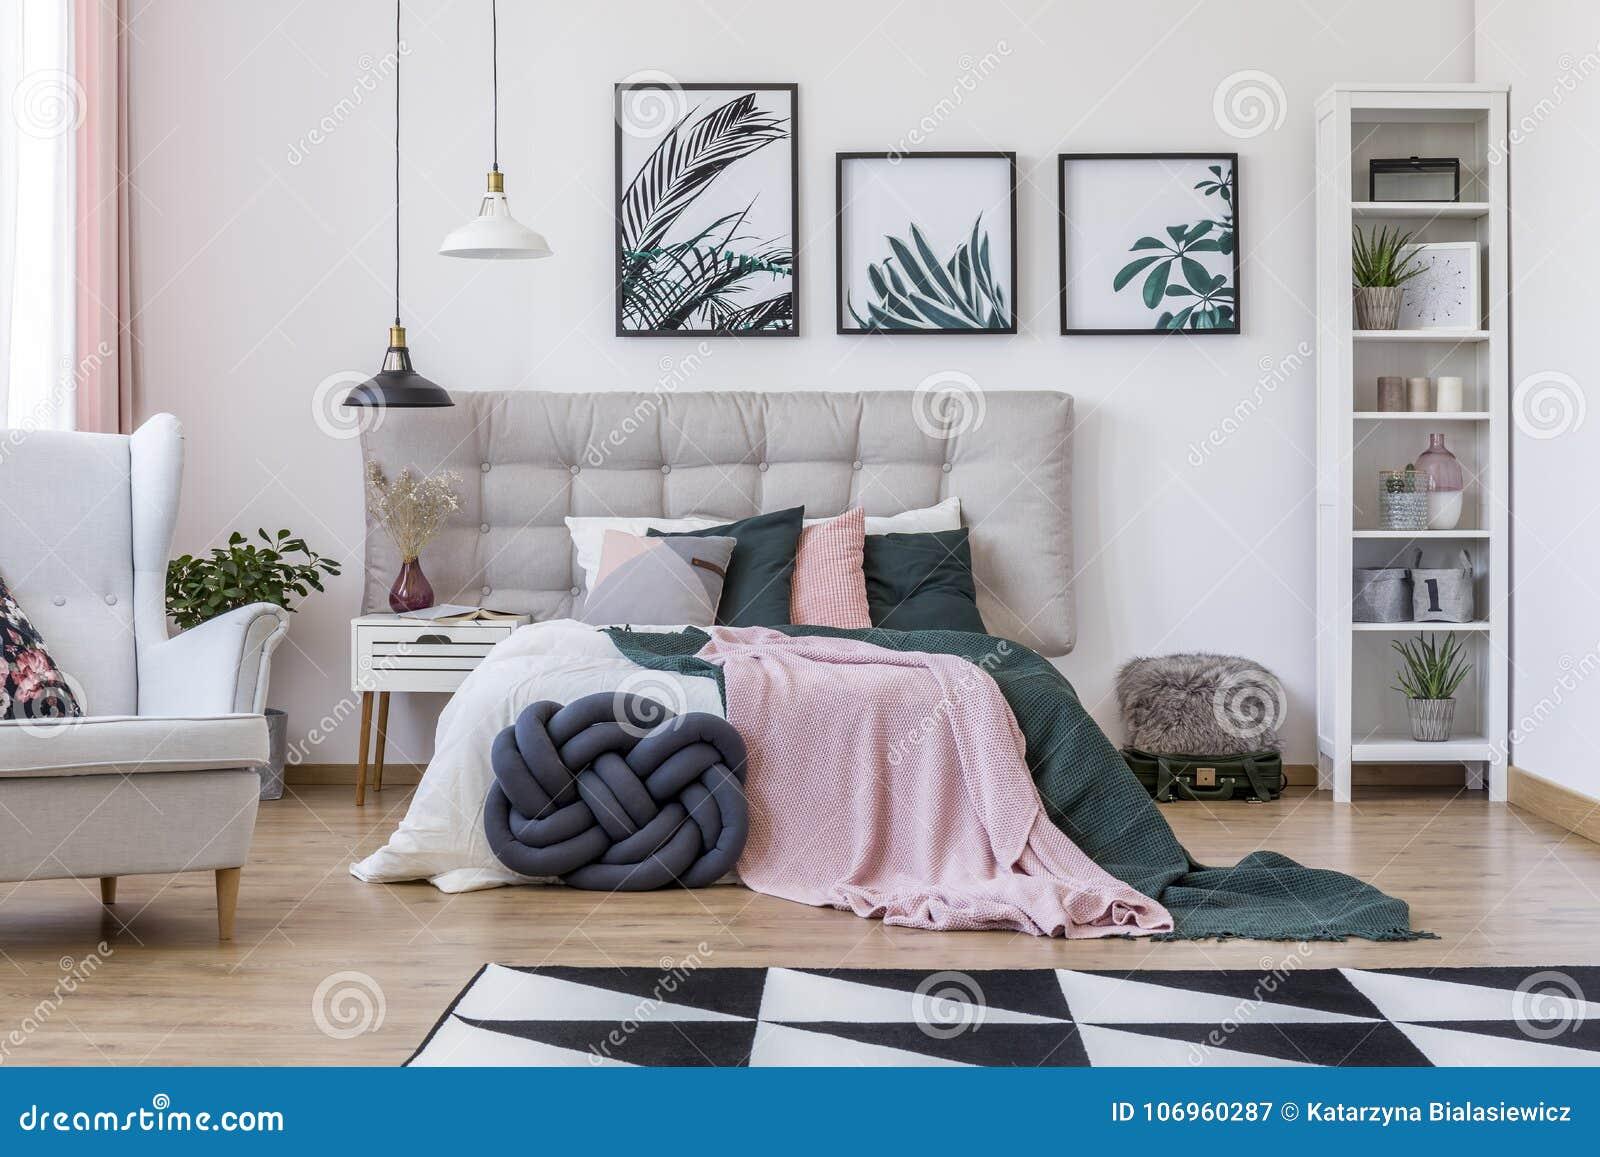 Fauteuil Dans La Chambre à Coucher Confortable